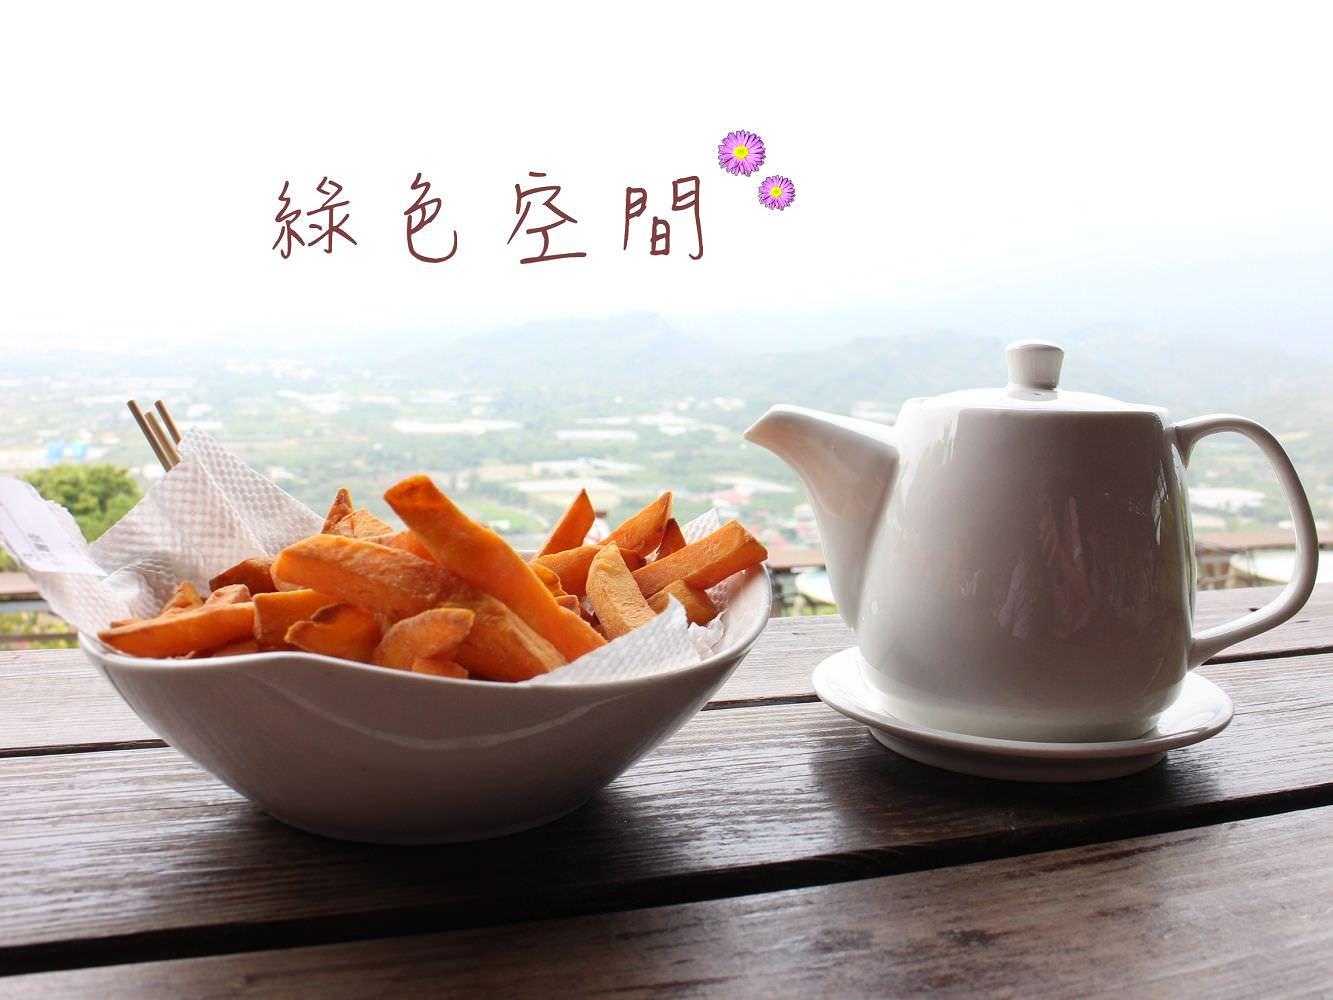 台南美食︱景觀餐廳︱玉井綠色空間:270度環山美景,不管什麼季節、白天或黑夜,總是吸引人